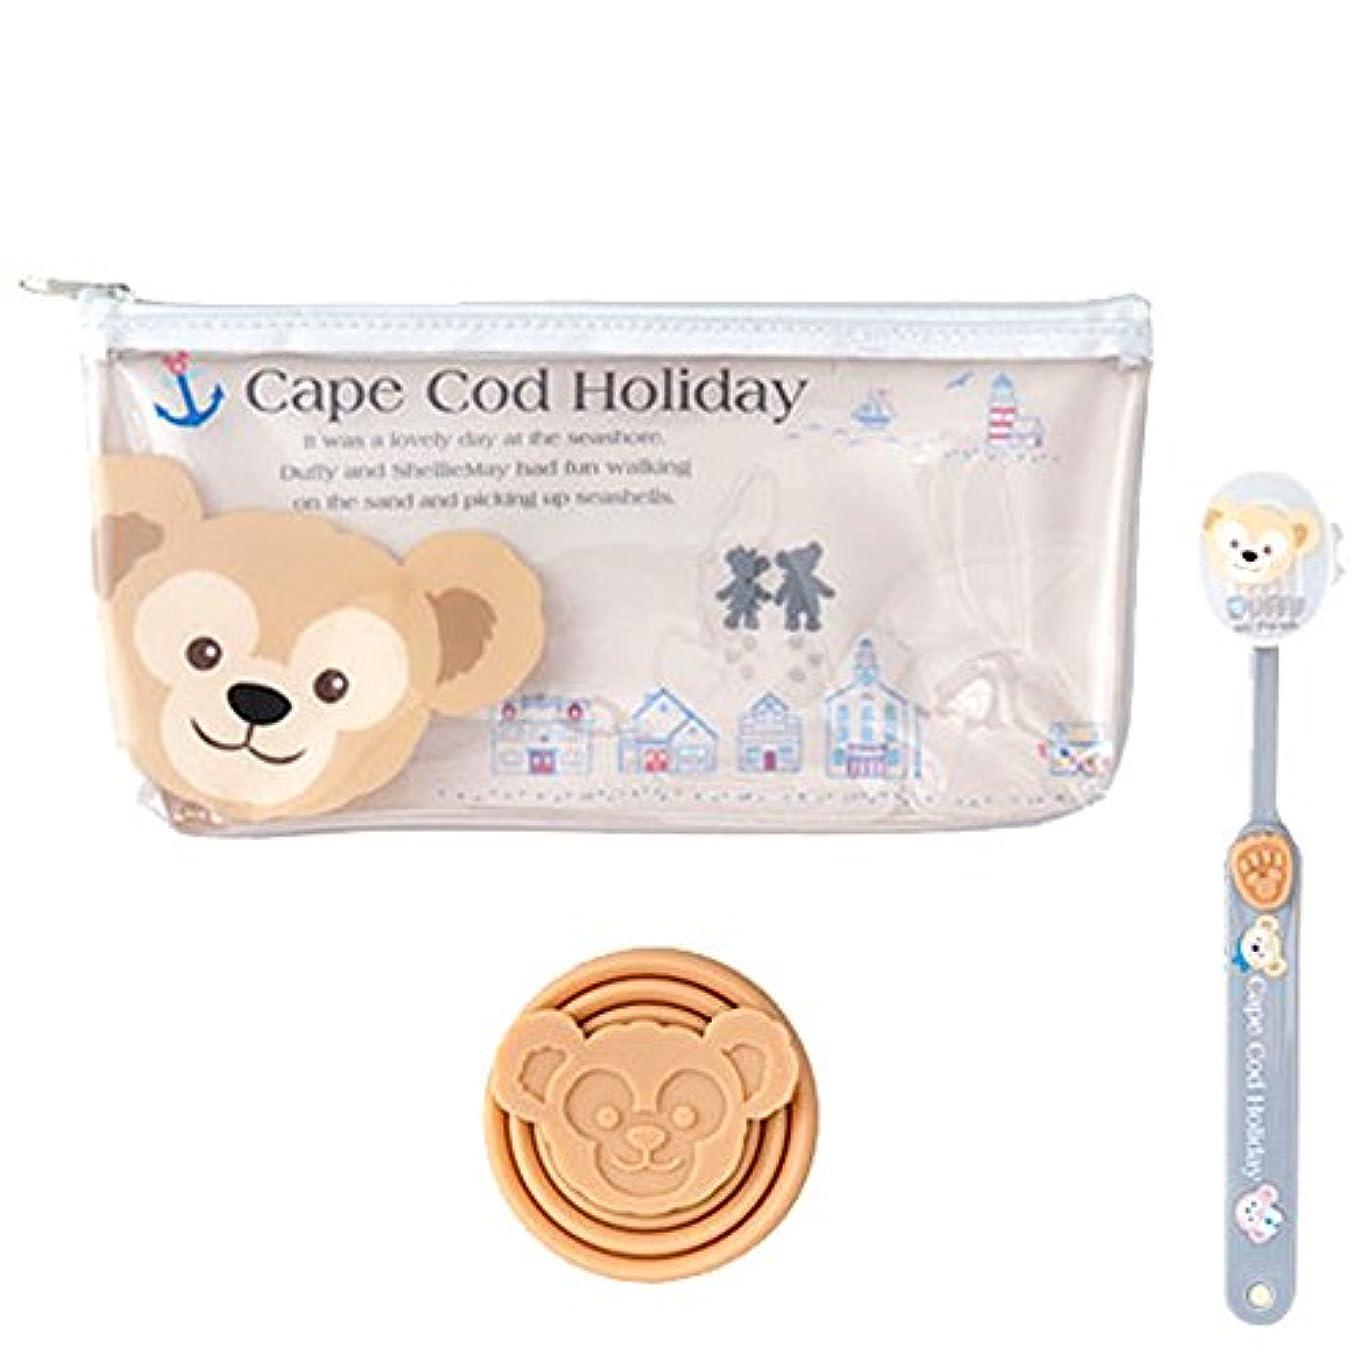 自動的におなじみの立場ダッフィー ケープコッドの休日 ケープコッドホリデー グッズ 歯ブラシ コップ 付 (ダッフィー) トラベル 携帯 用 歯ブラシ セット ディズニー シー限定